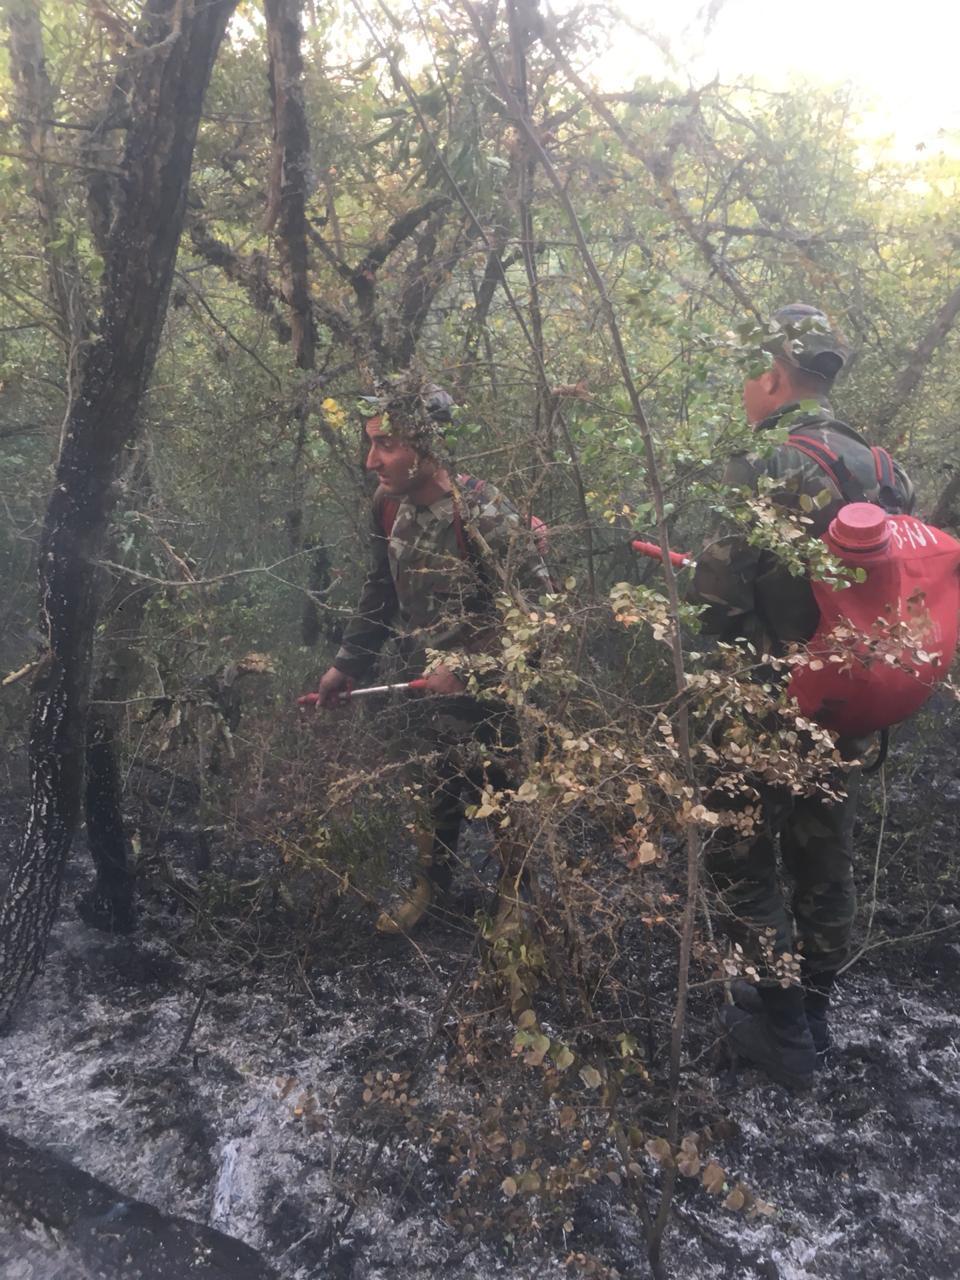 В Агсу начался пожар в горной местности, к тушению огня привлечены вертолеты (ФОТО, ВИДЕО) - Gallery Image